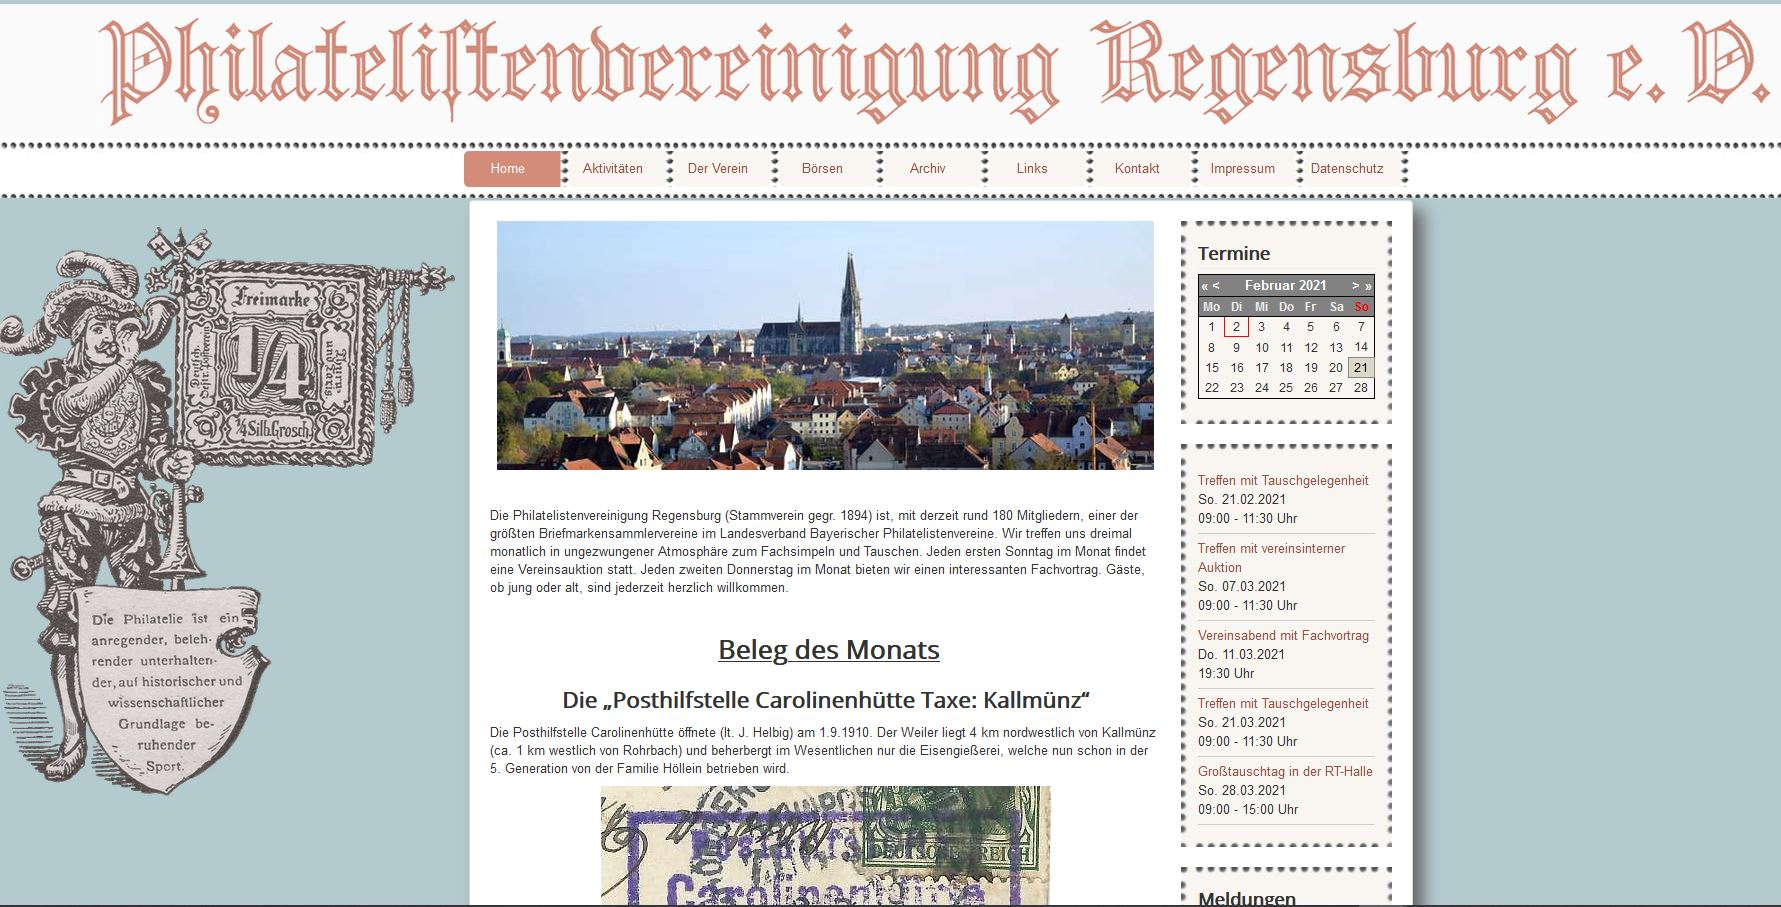 Philatelistenvereinigung Regensburg e.V.